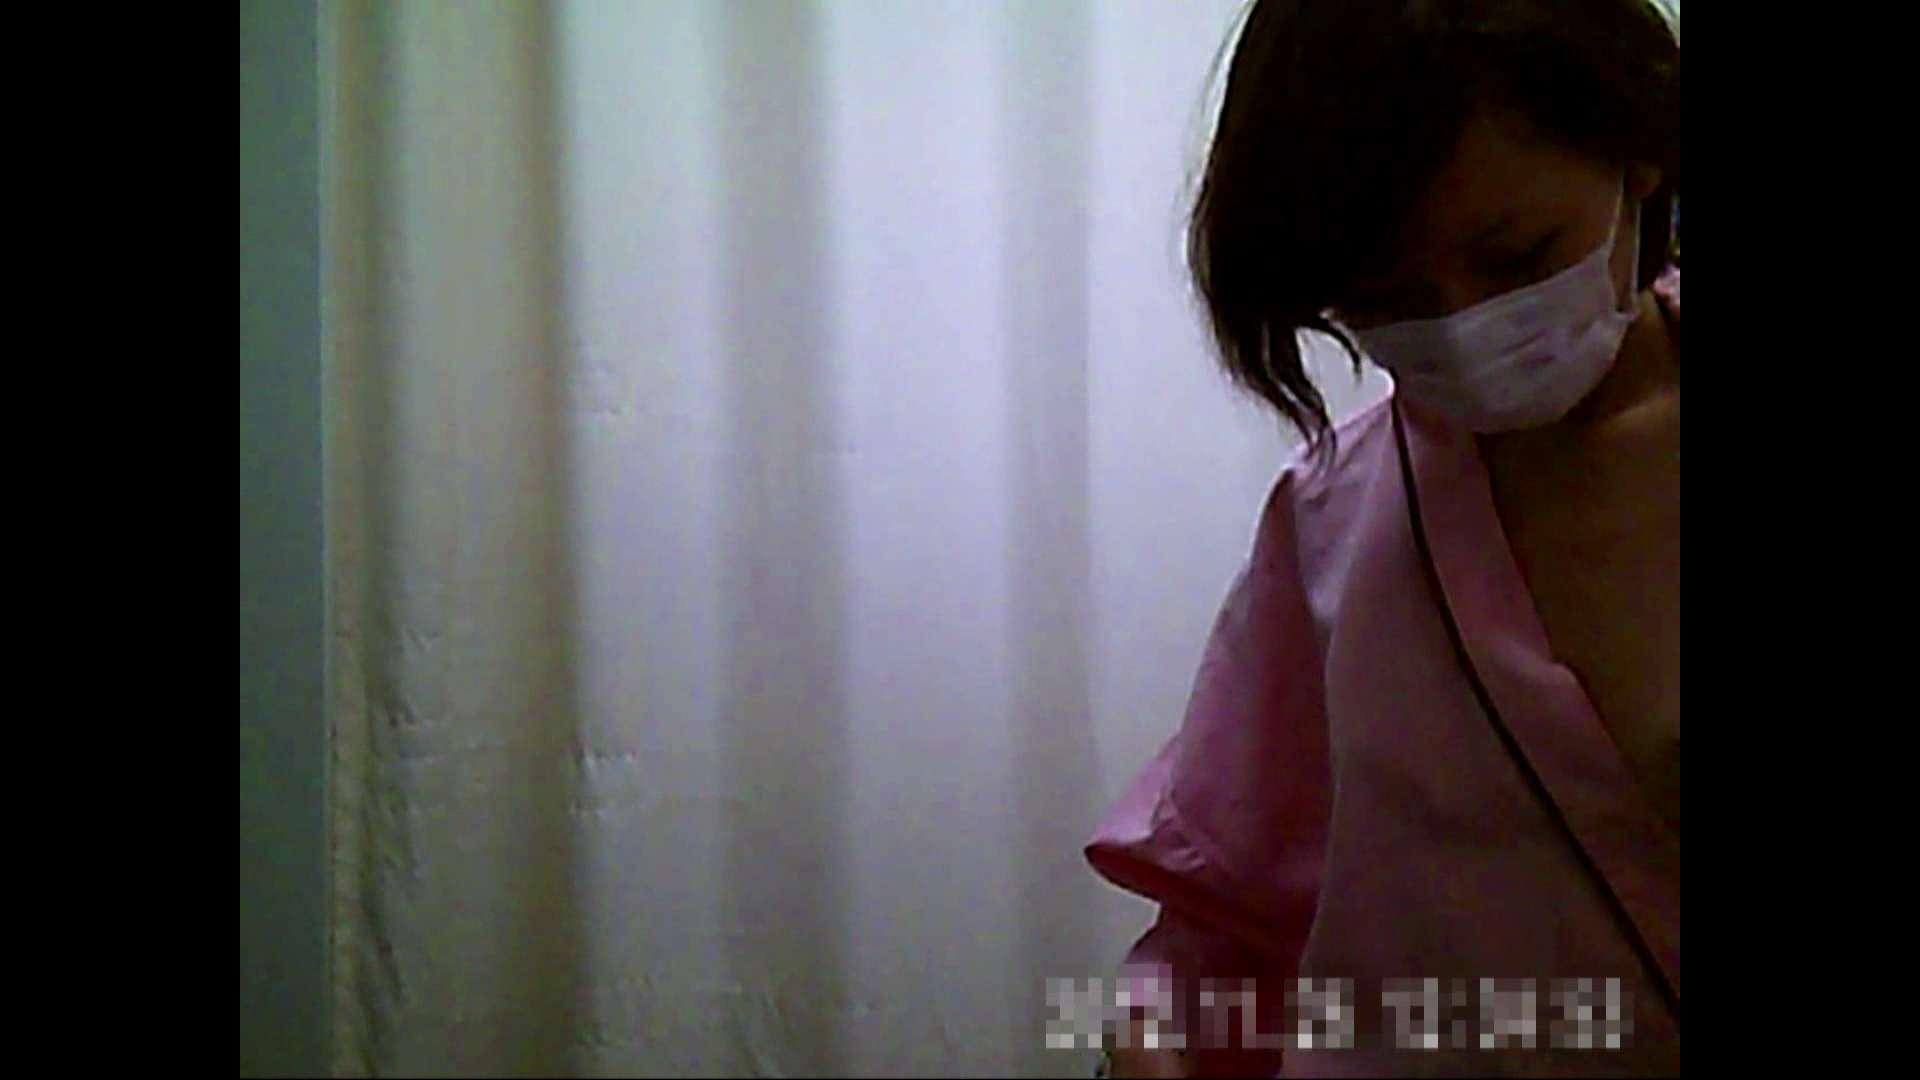 元医者による反抗 更衣室地獄絵巻 vol.281 OL   0  81連発 49